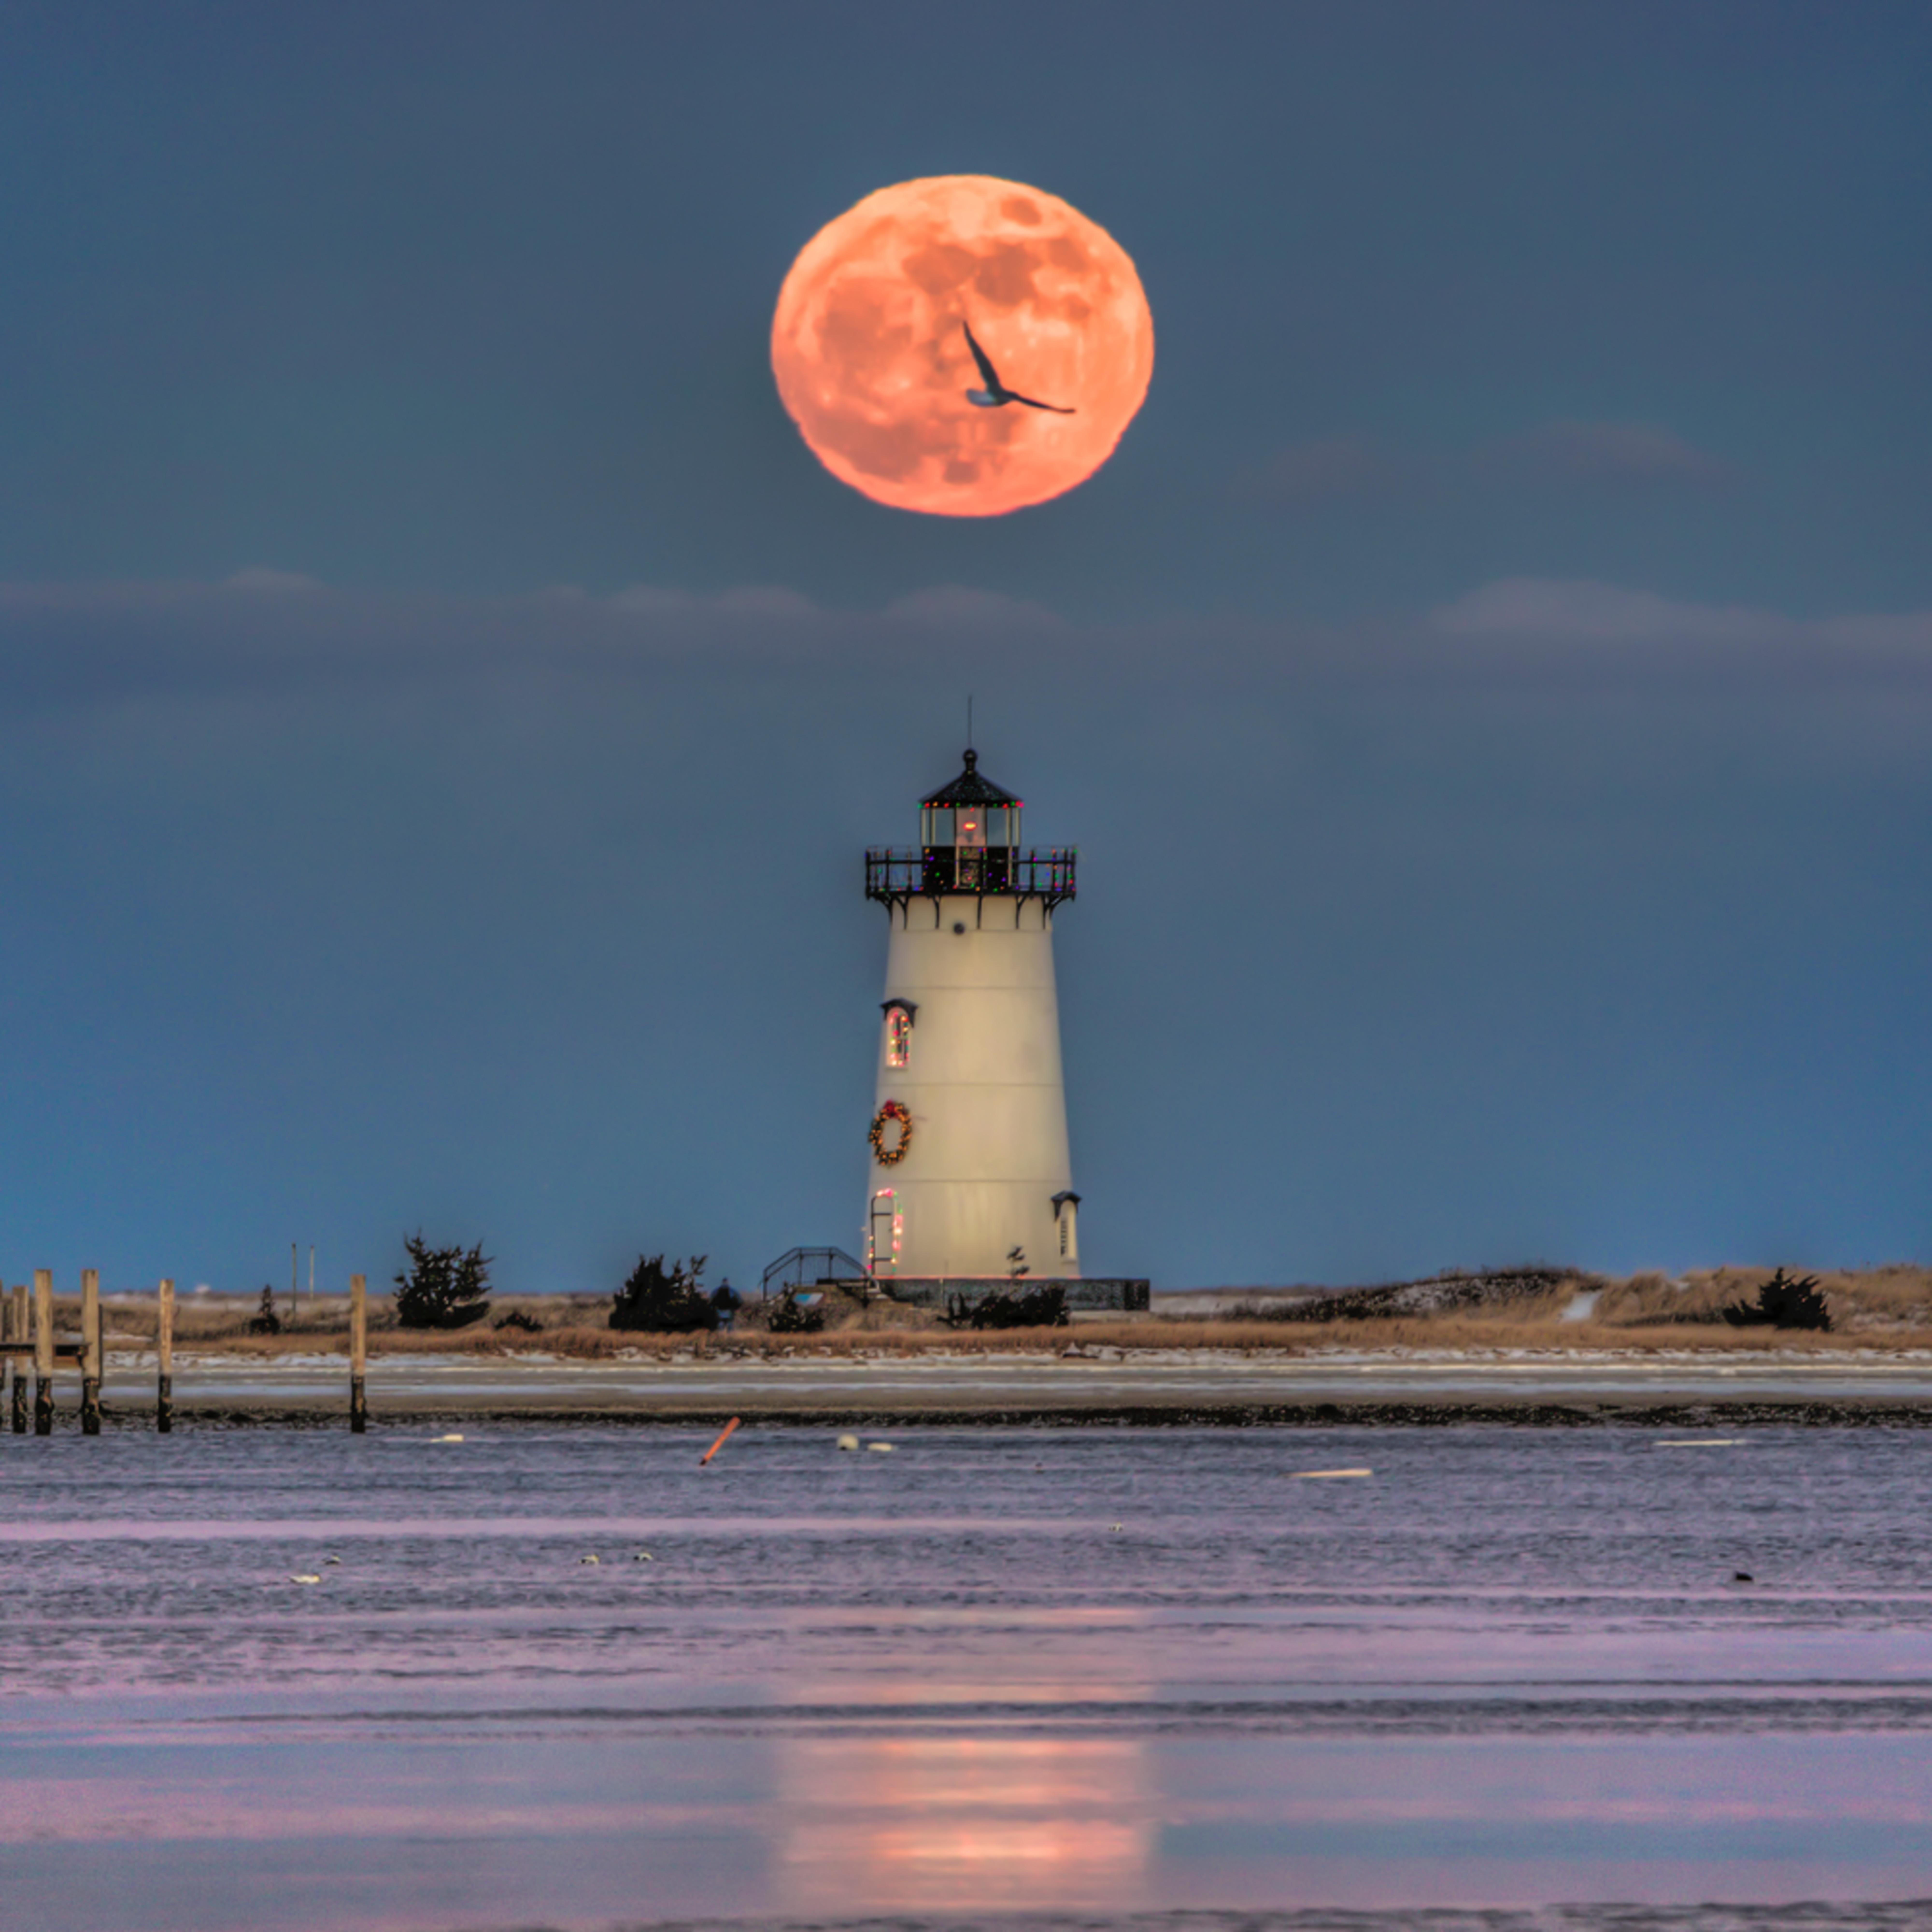 Edgartown light christmas moon vledvt